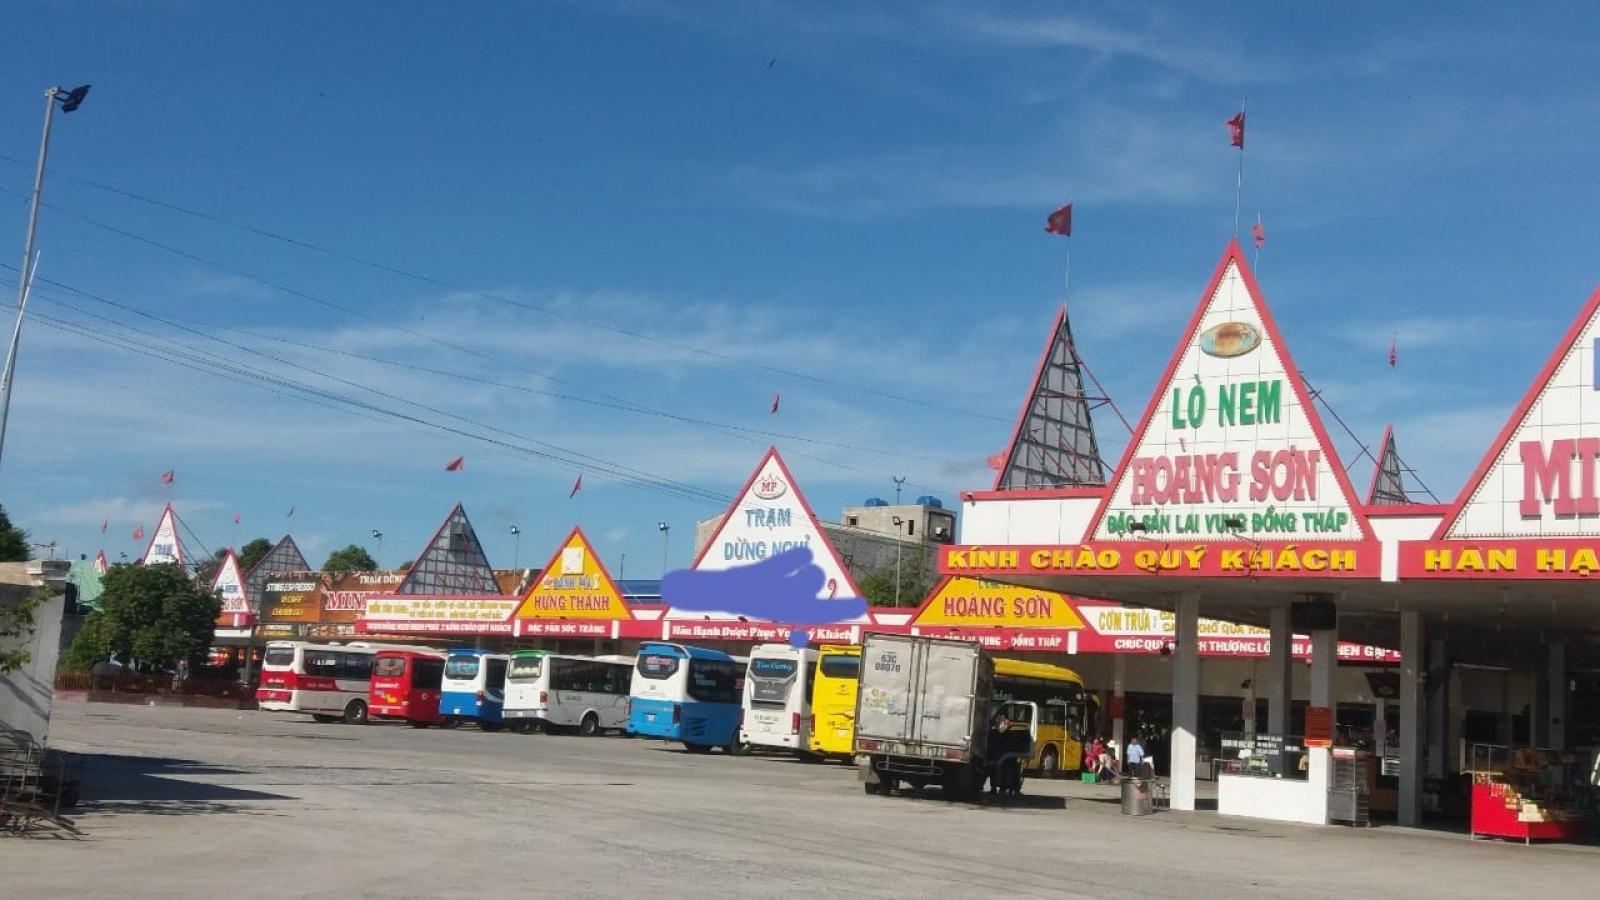 Các trường hợp F1 ở Tiền Giang và Vĩnh Long tiếp xúc BN 1440 đều âm tính